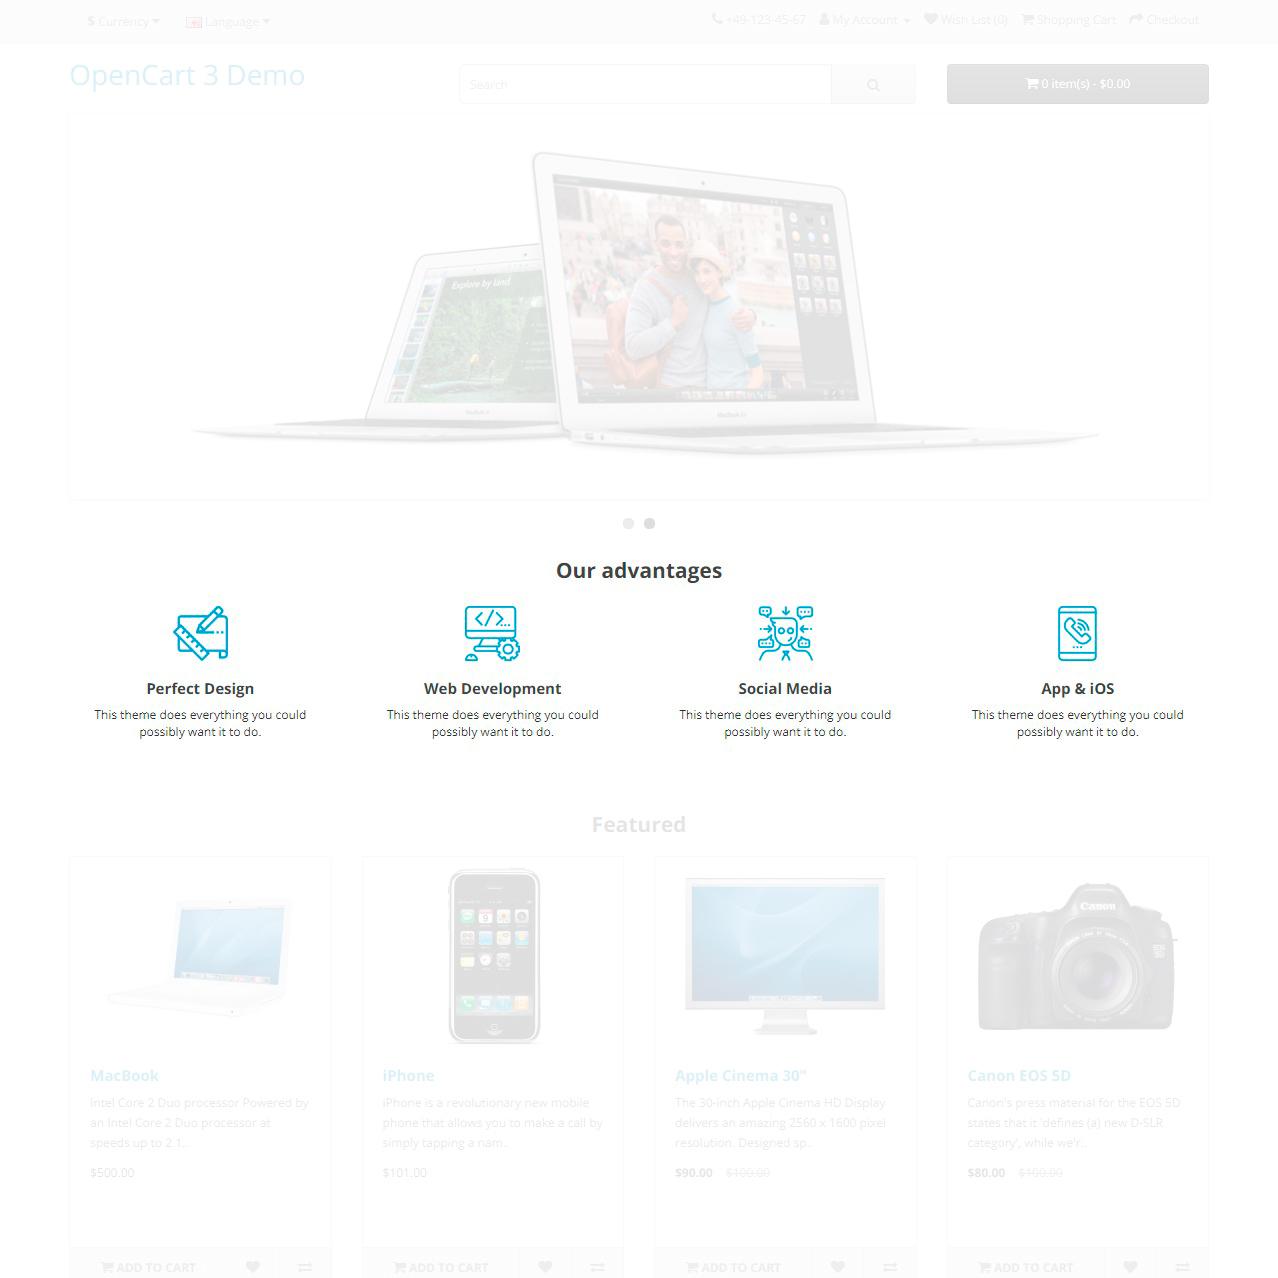 Список преимуществ (УТП) с пользовательским изображением для OpenCart и ocStore изображение №2